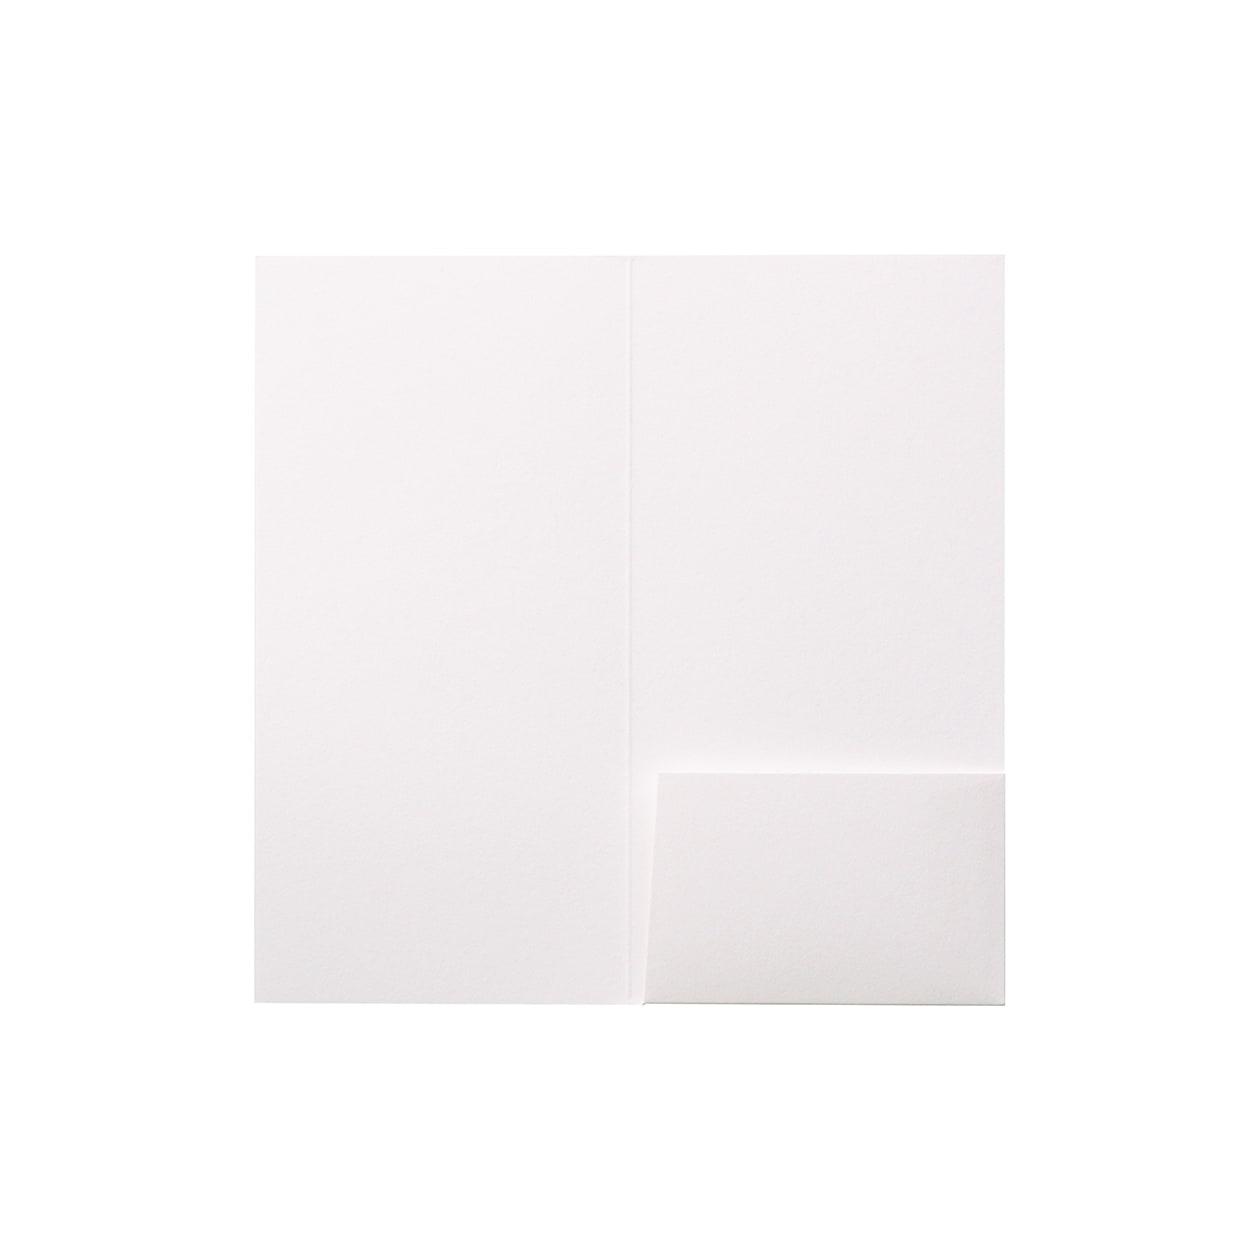 サンプル カード・シート 00269